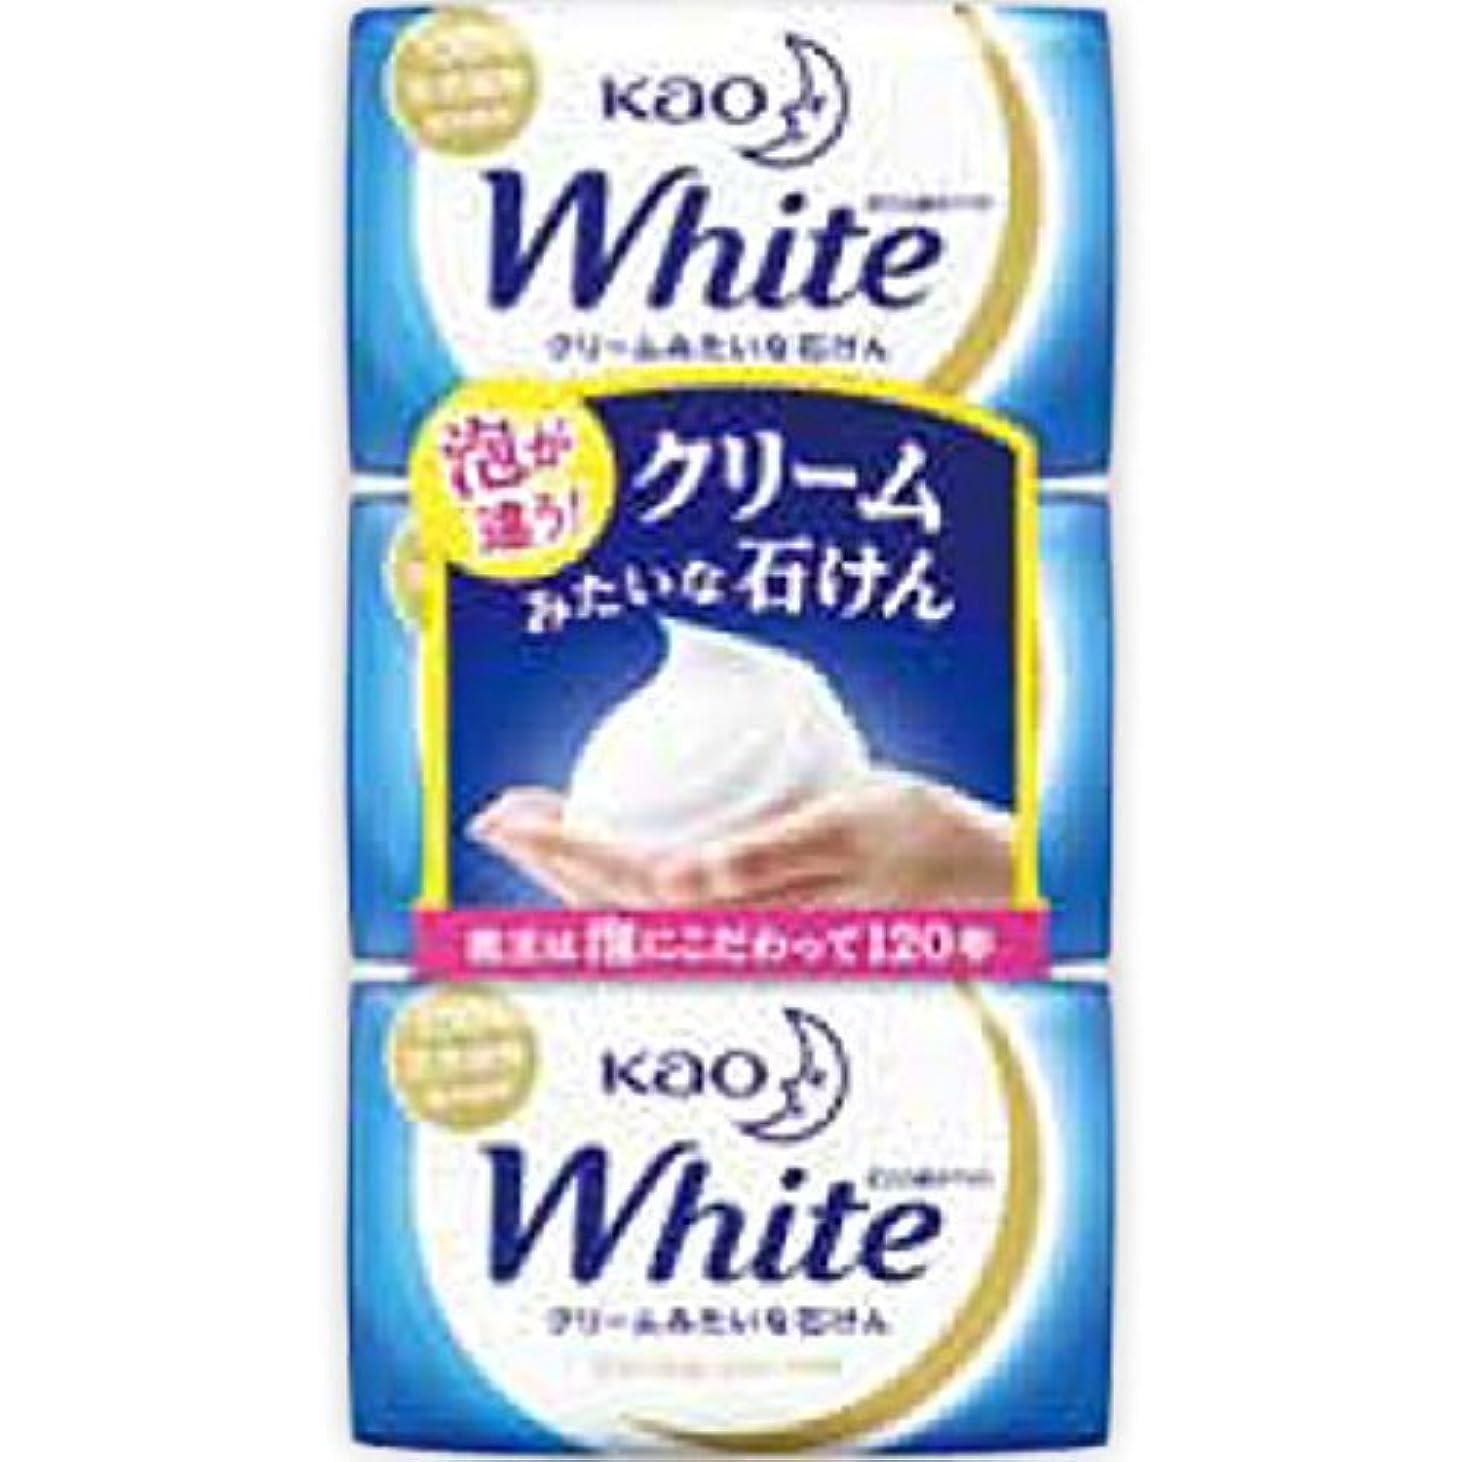 ダース意識的ホバー花王ホワイト レギュラーサイズ 85g*3個入